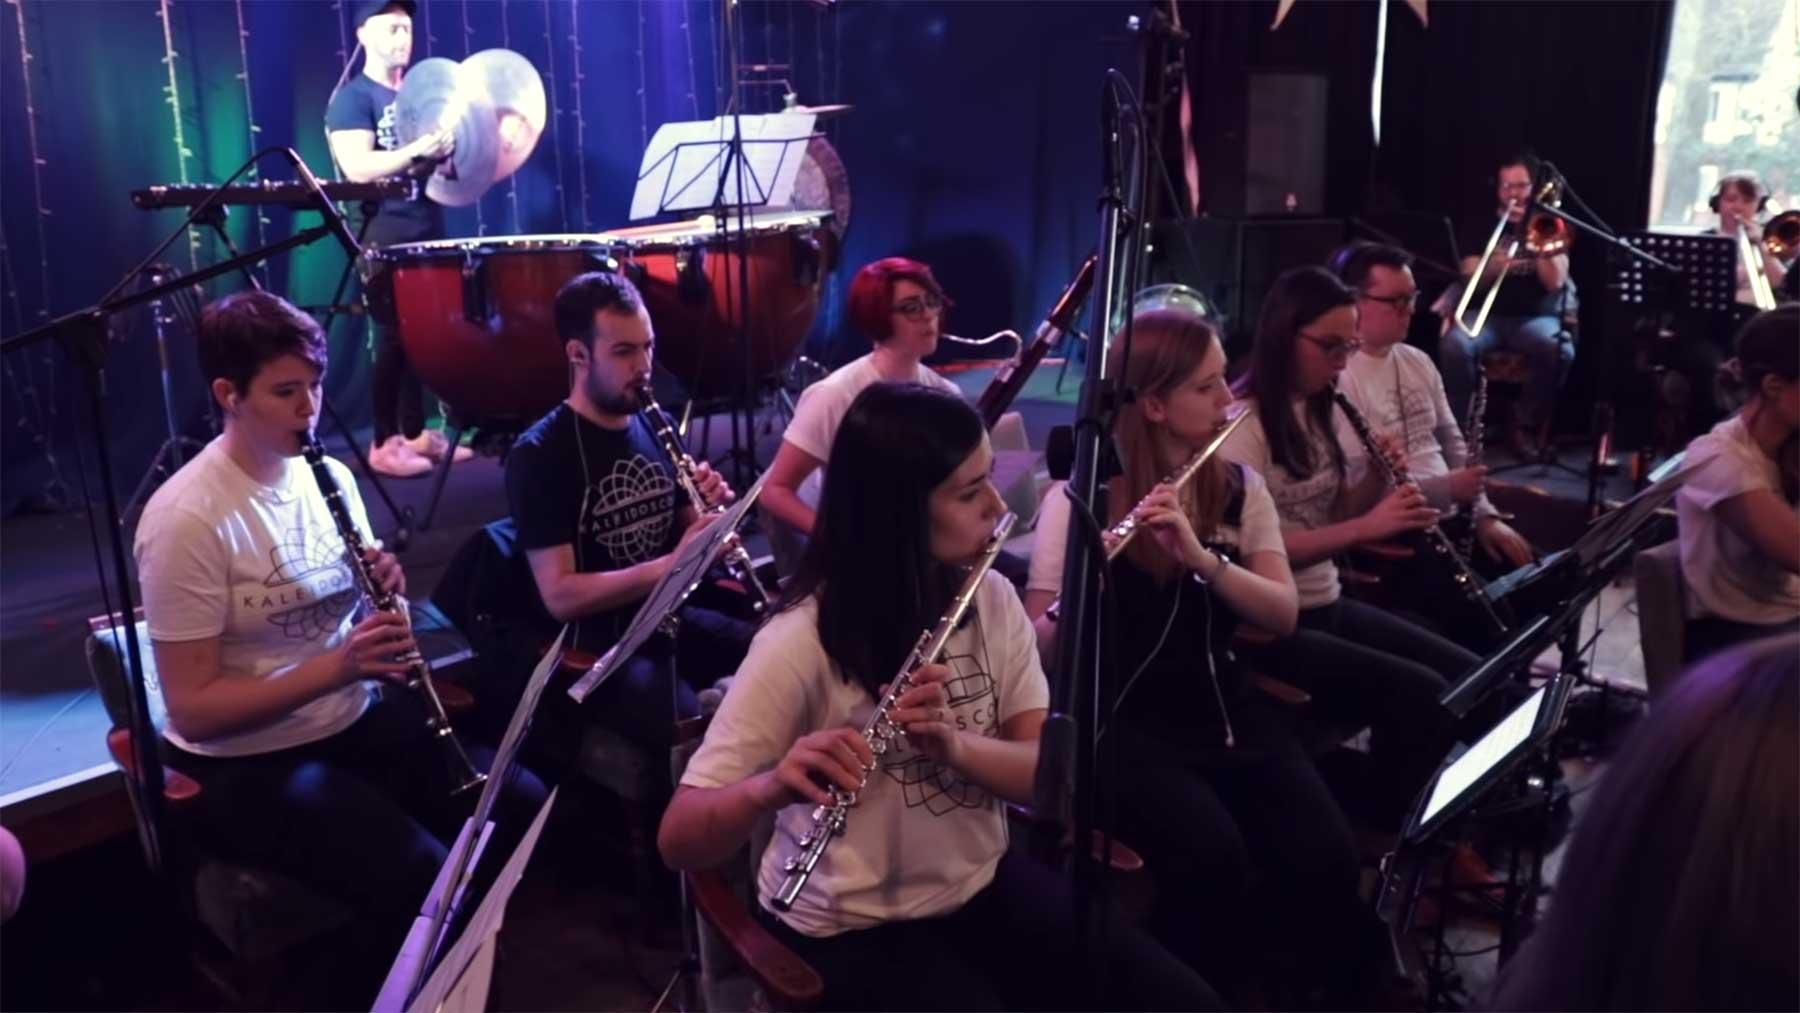 Orchester spielt Eminem-Medley